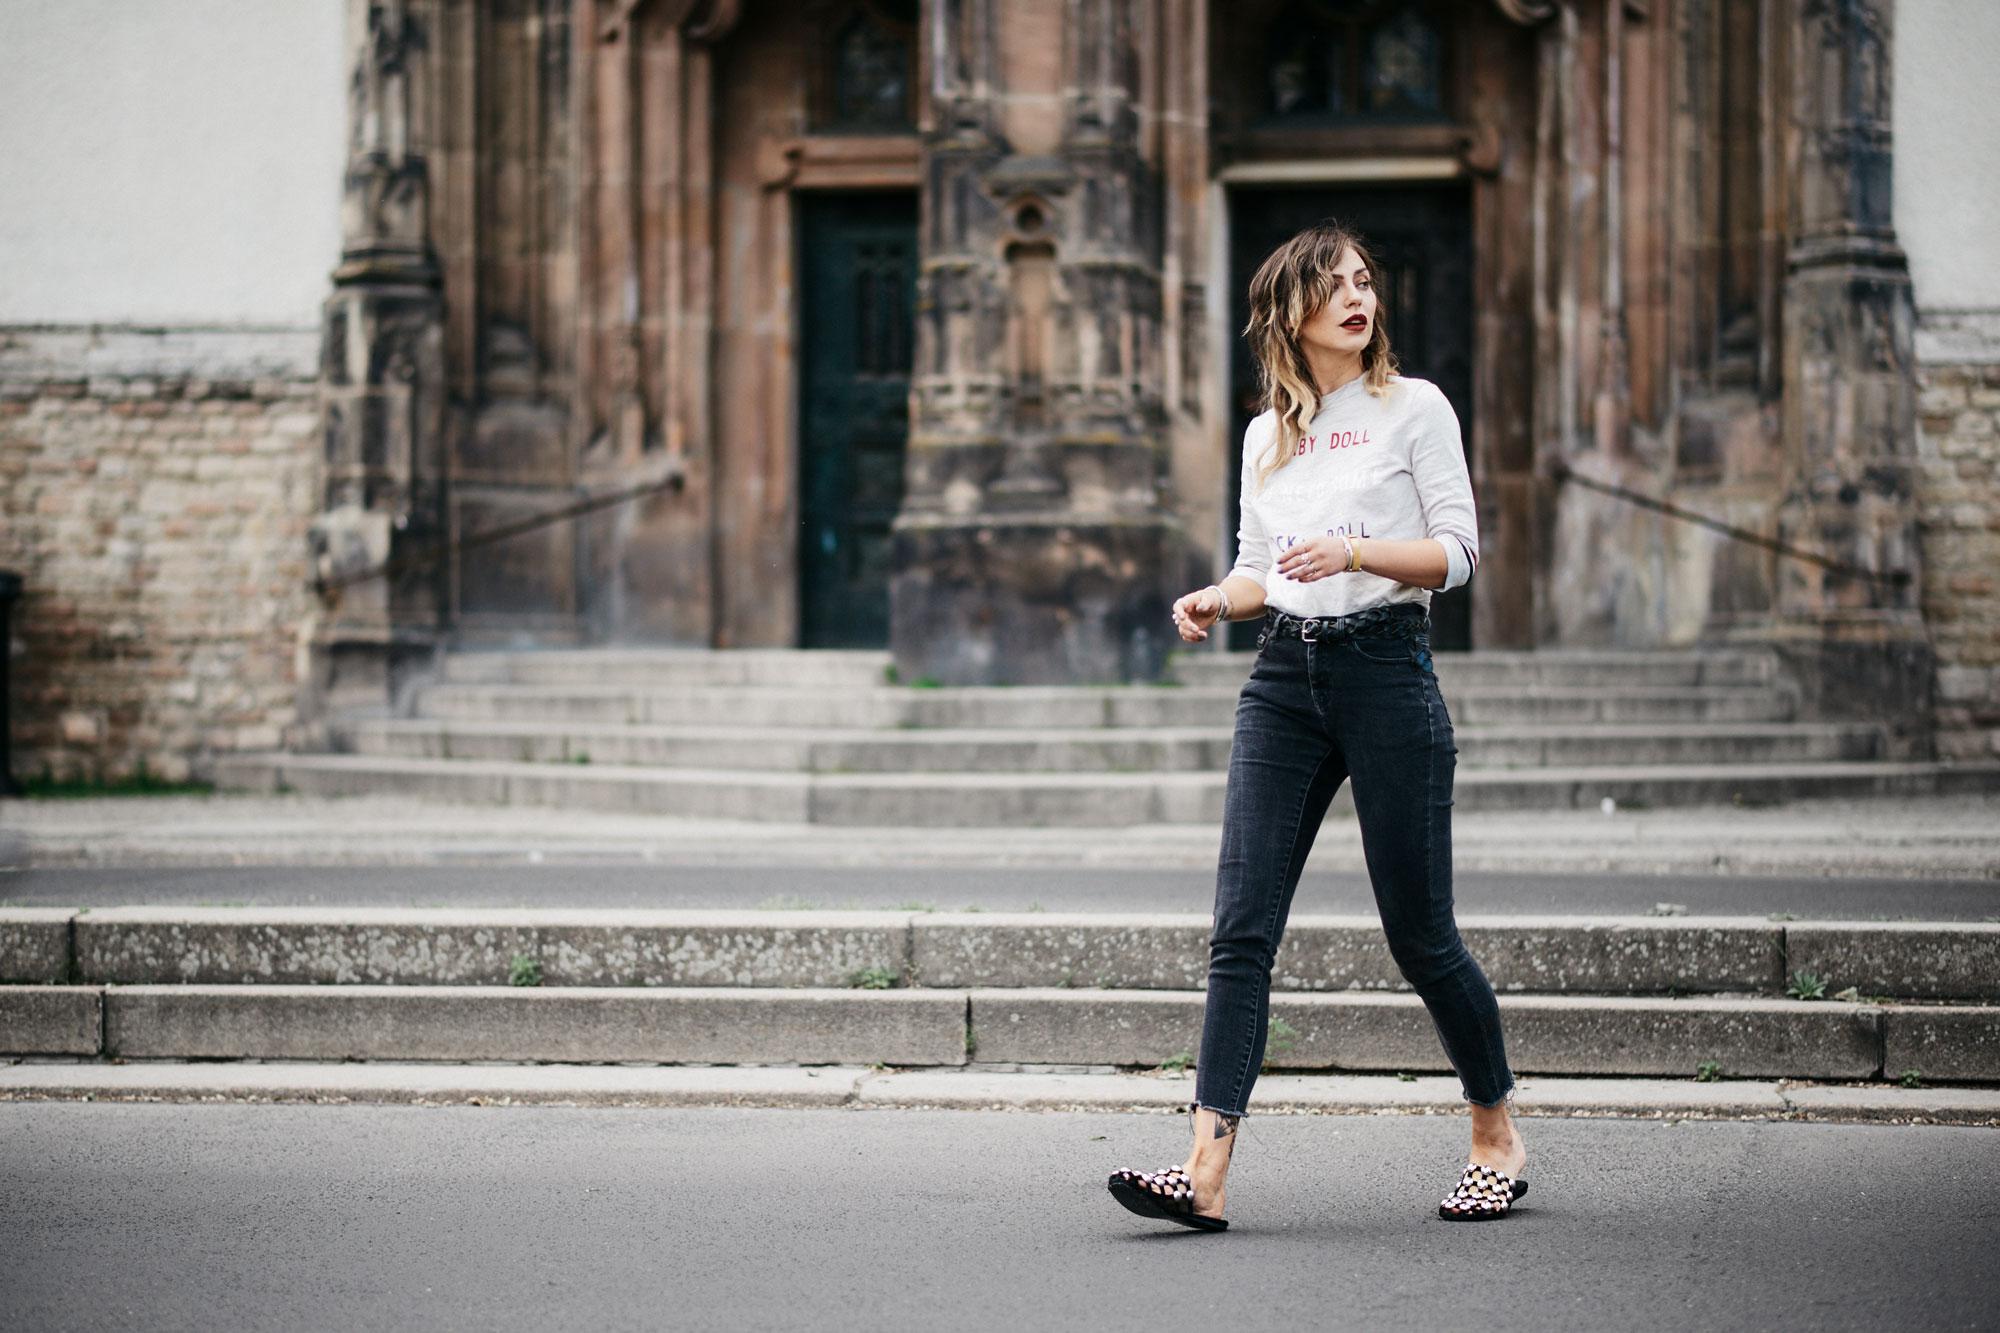 Уличный стиль | лейблы: Zara, Zoe Karssen, Alexander Wang | образ: повседневный, броский, французский